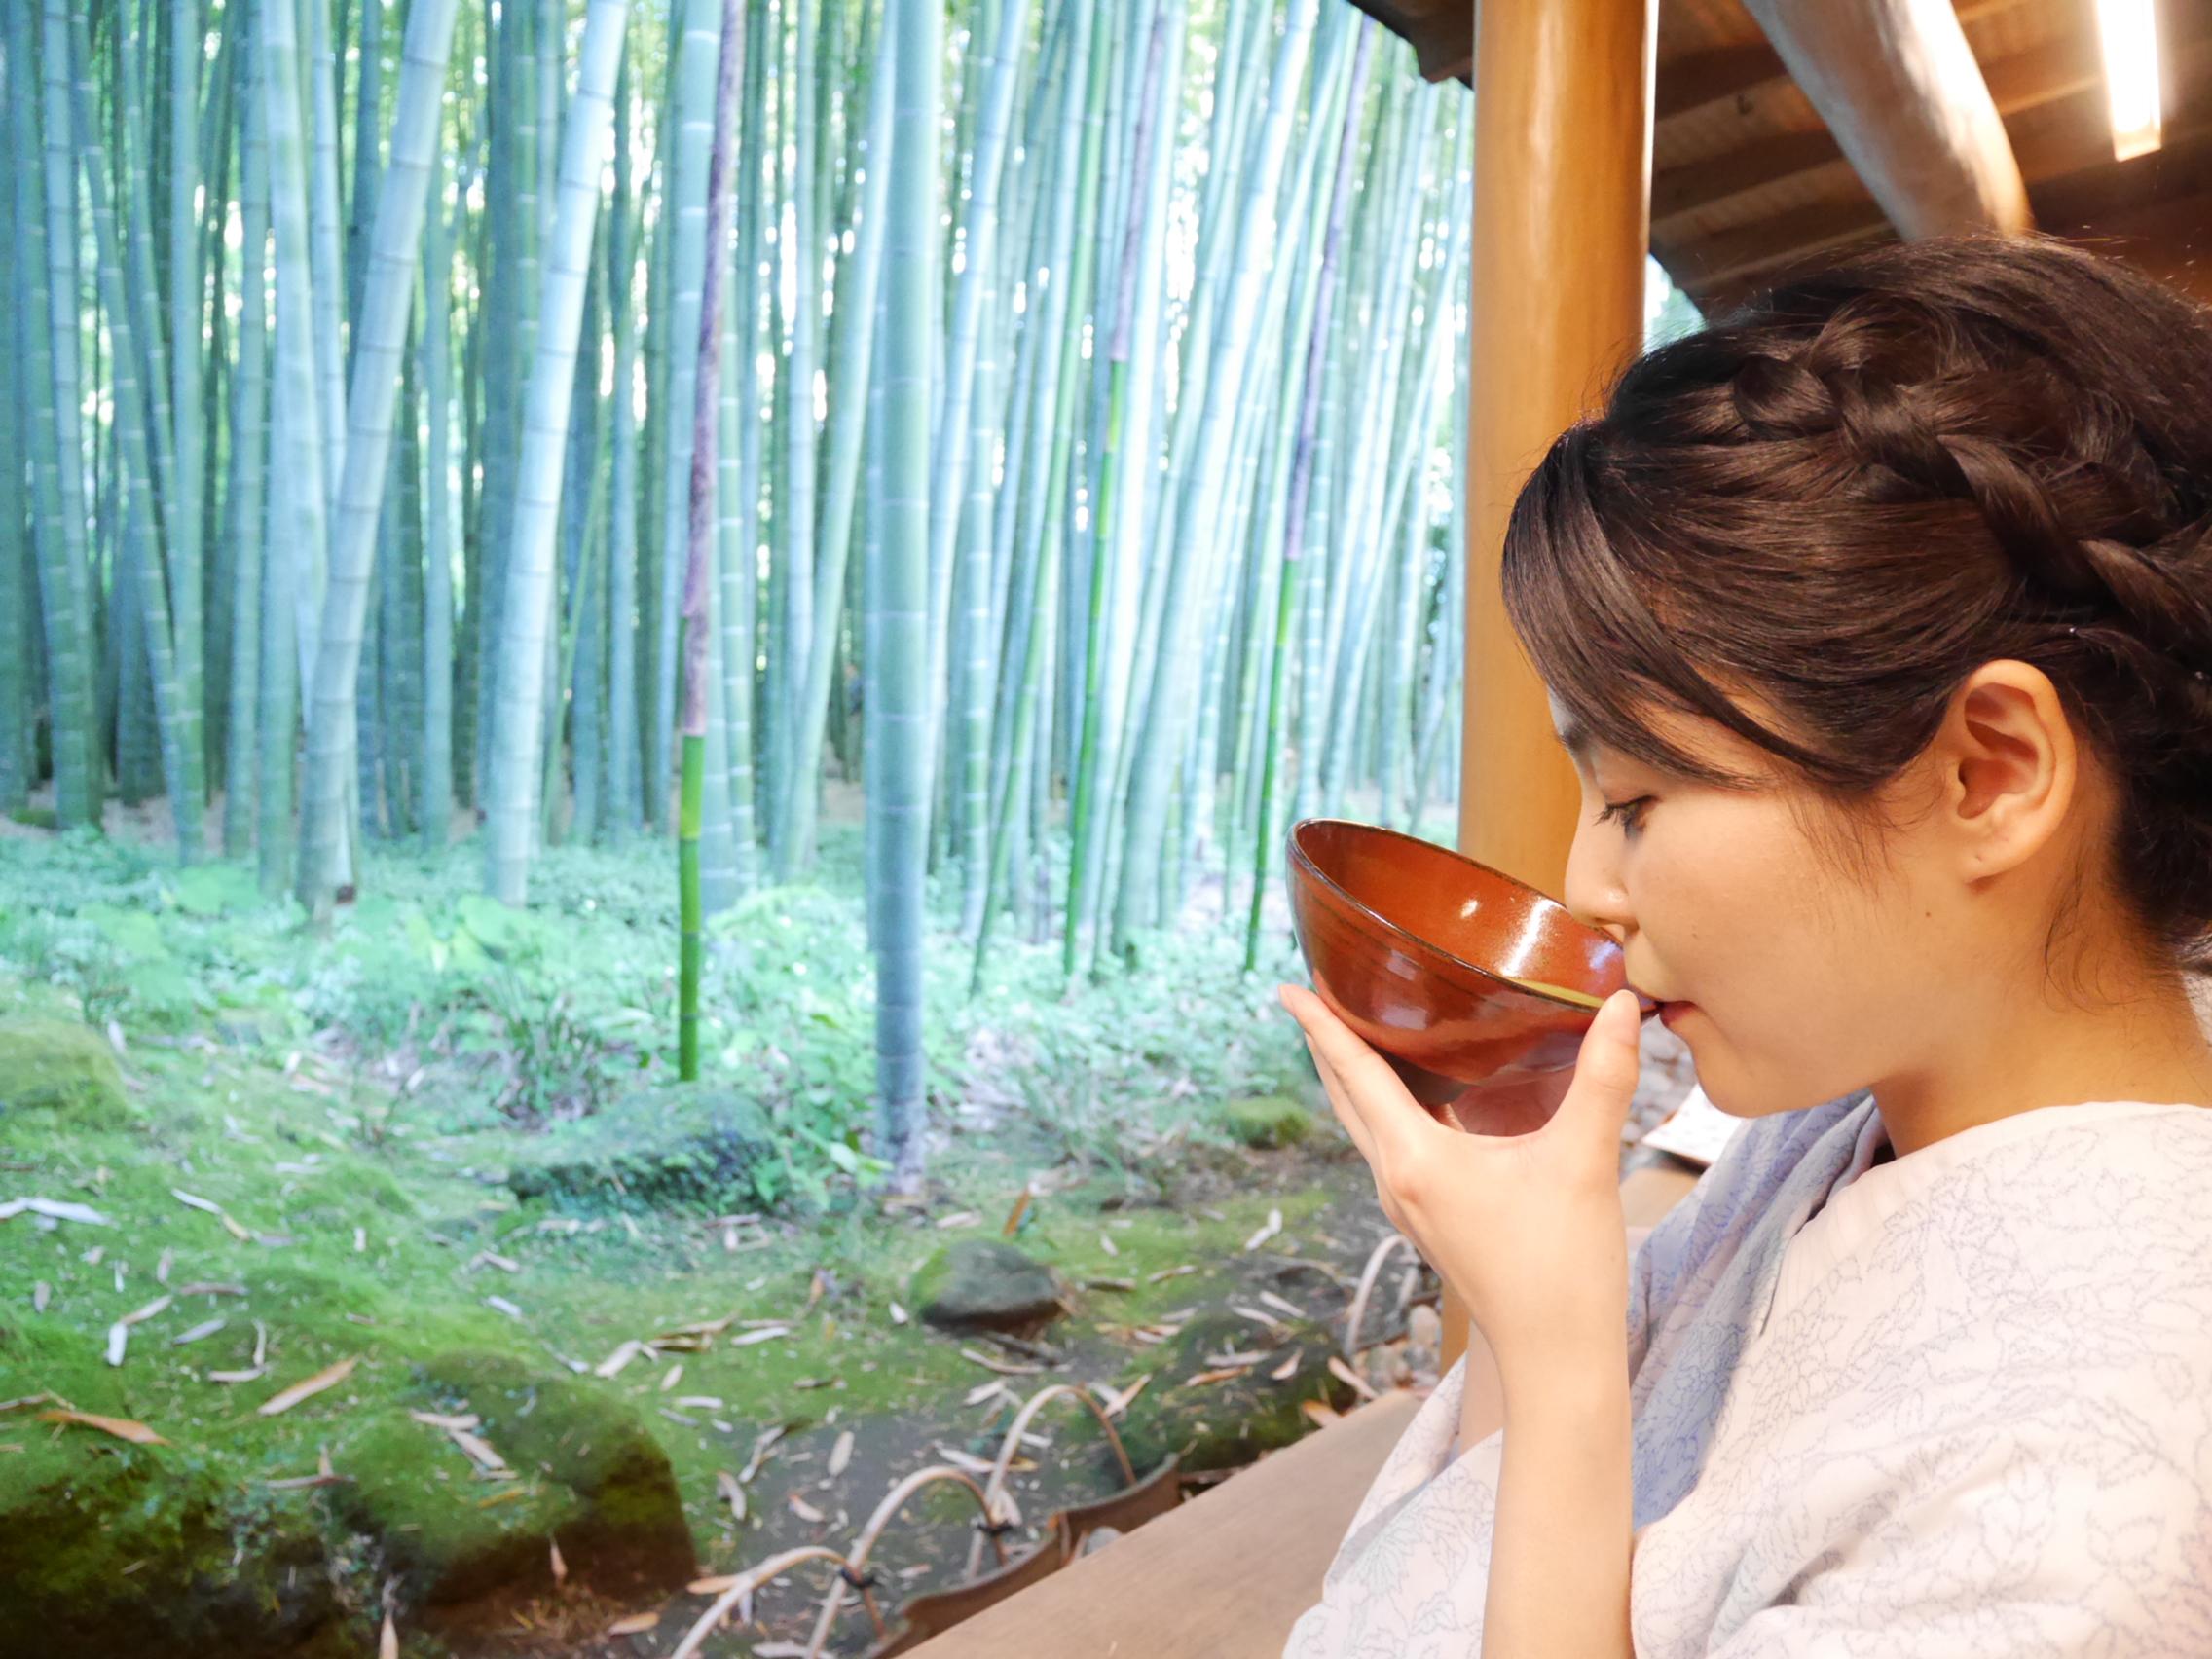 【鎌倉】竹のお庭で「お点前頂戴いたします」